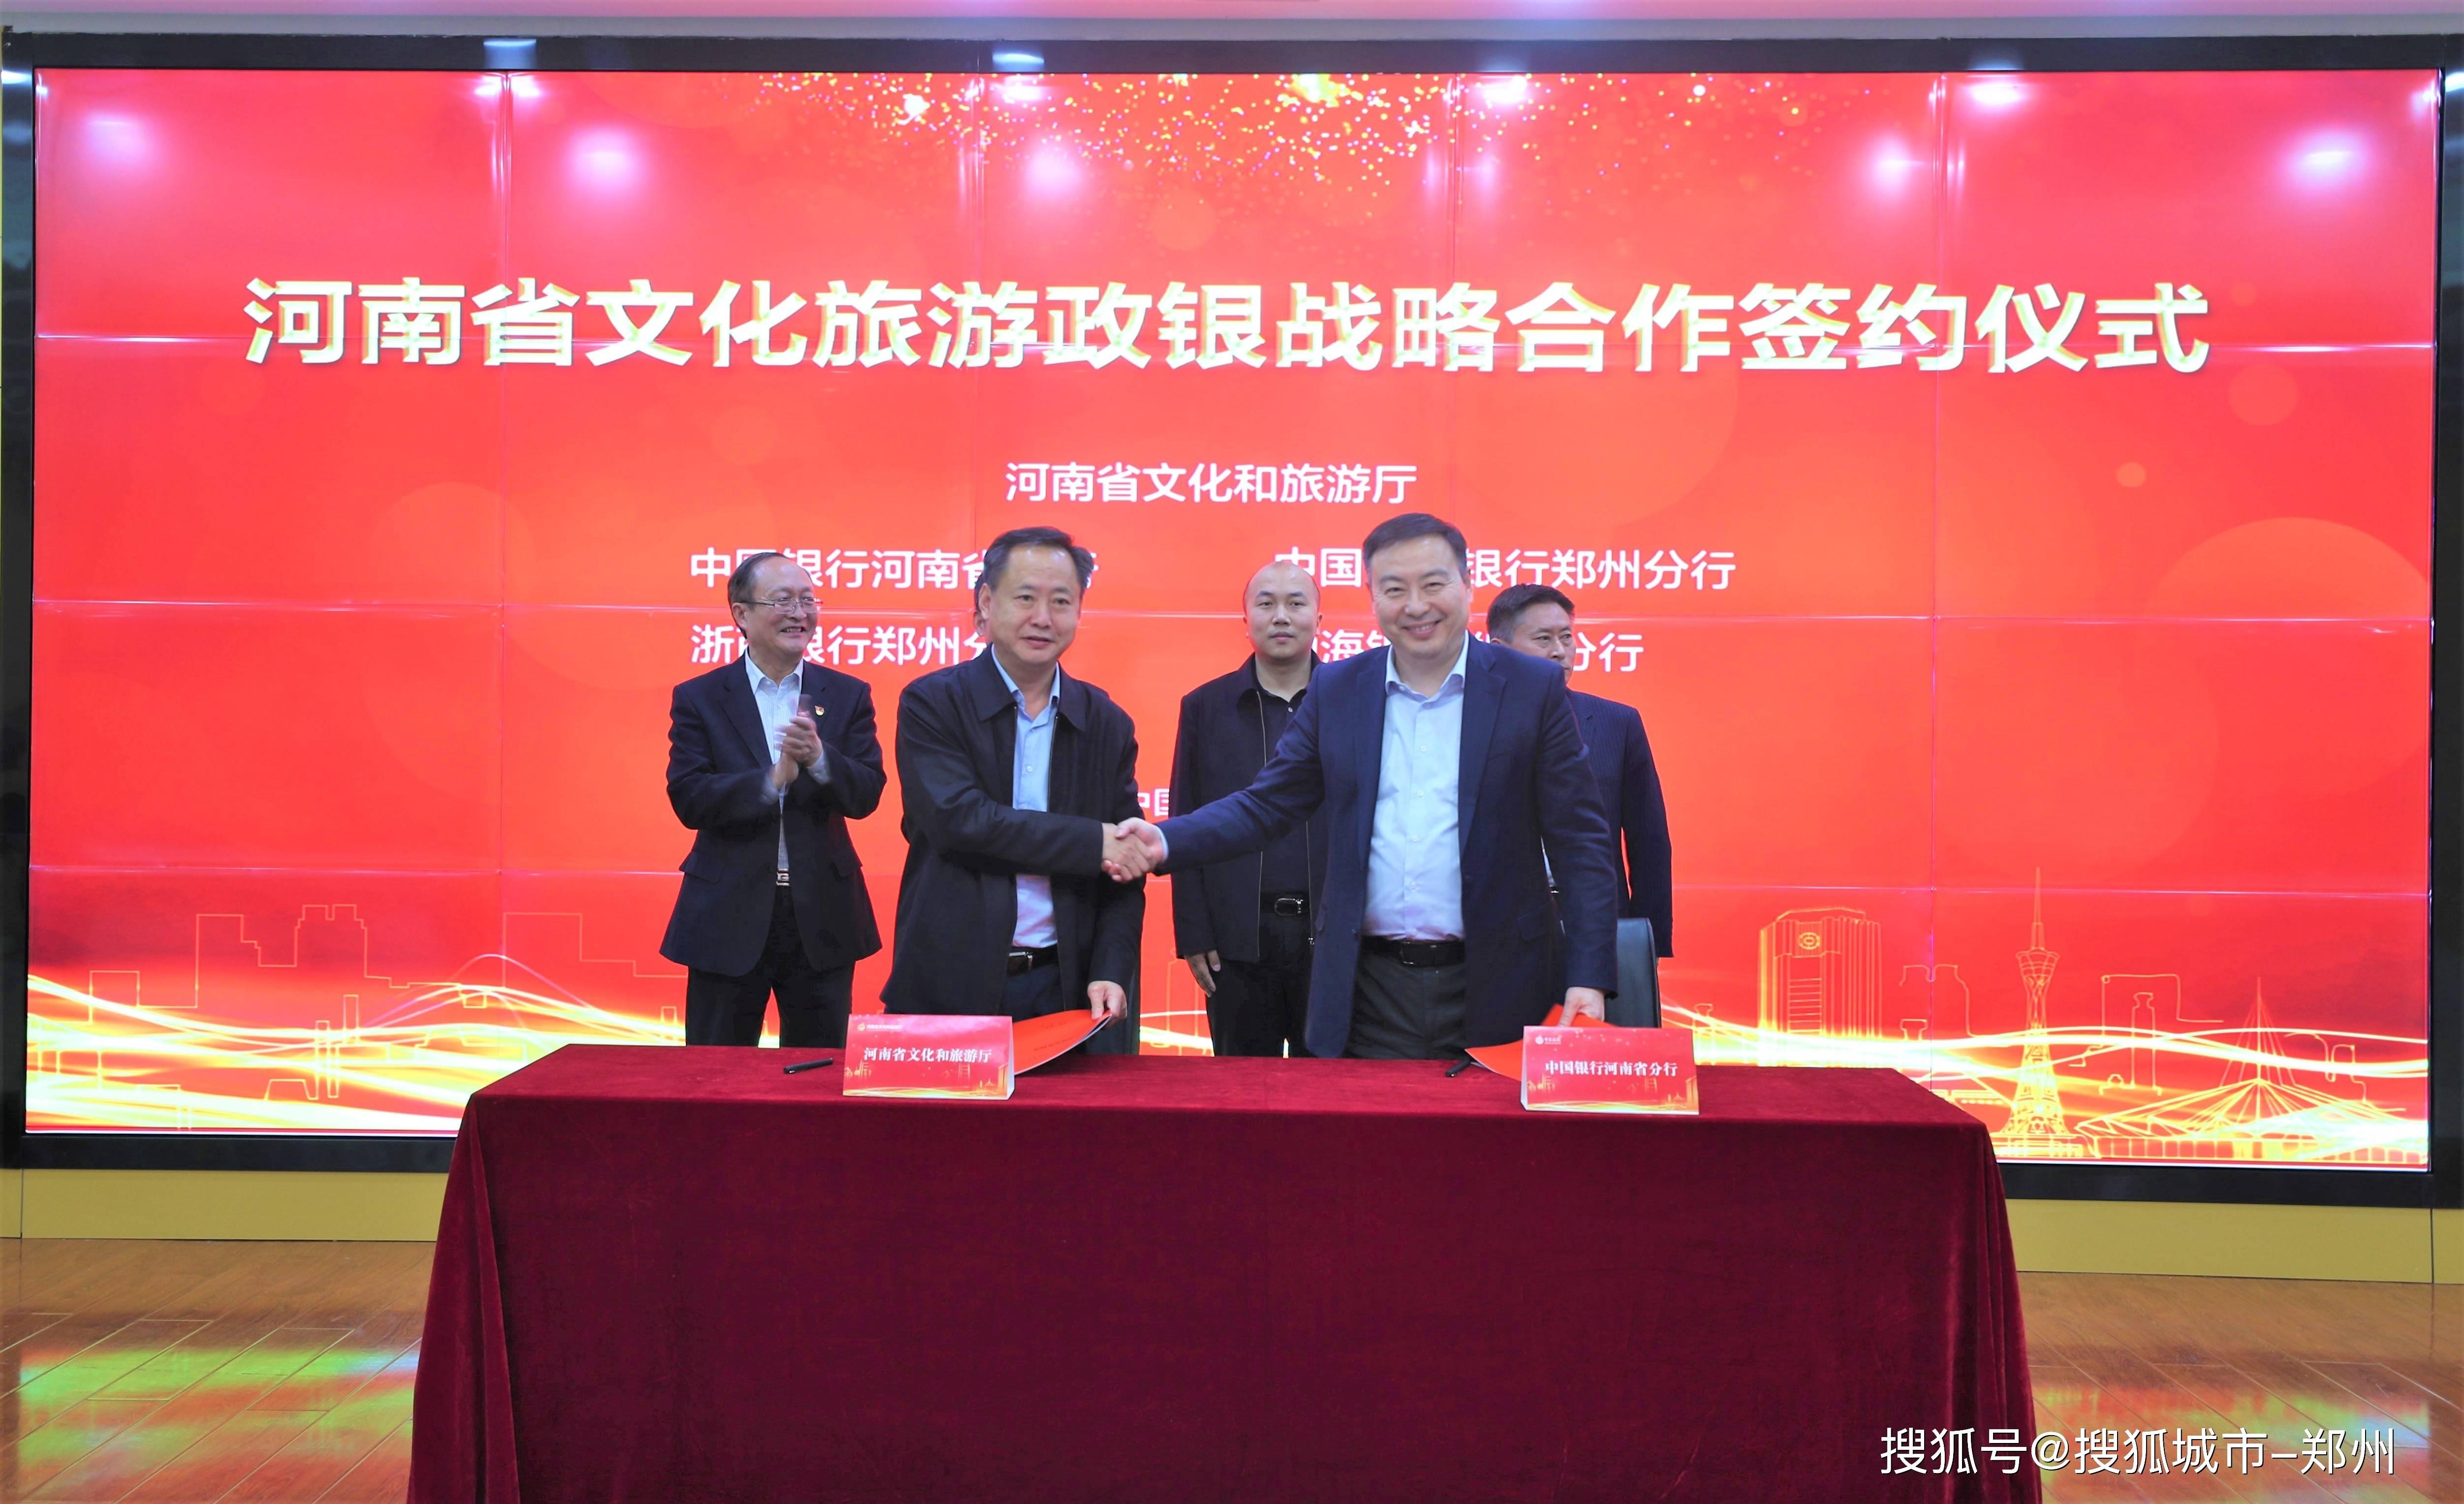 河南省文化和旅游厅与中国银行河南省分行等签署全面战略合作协议